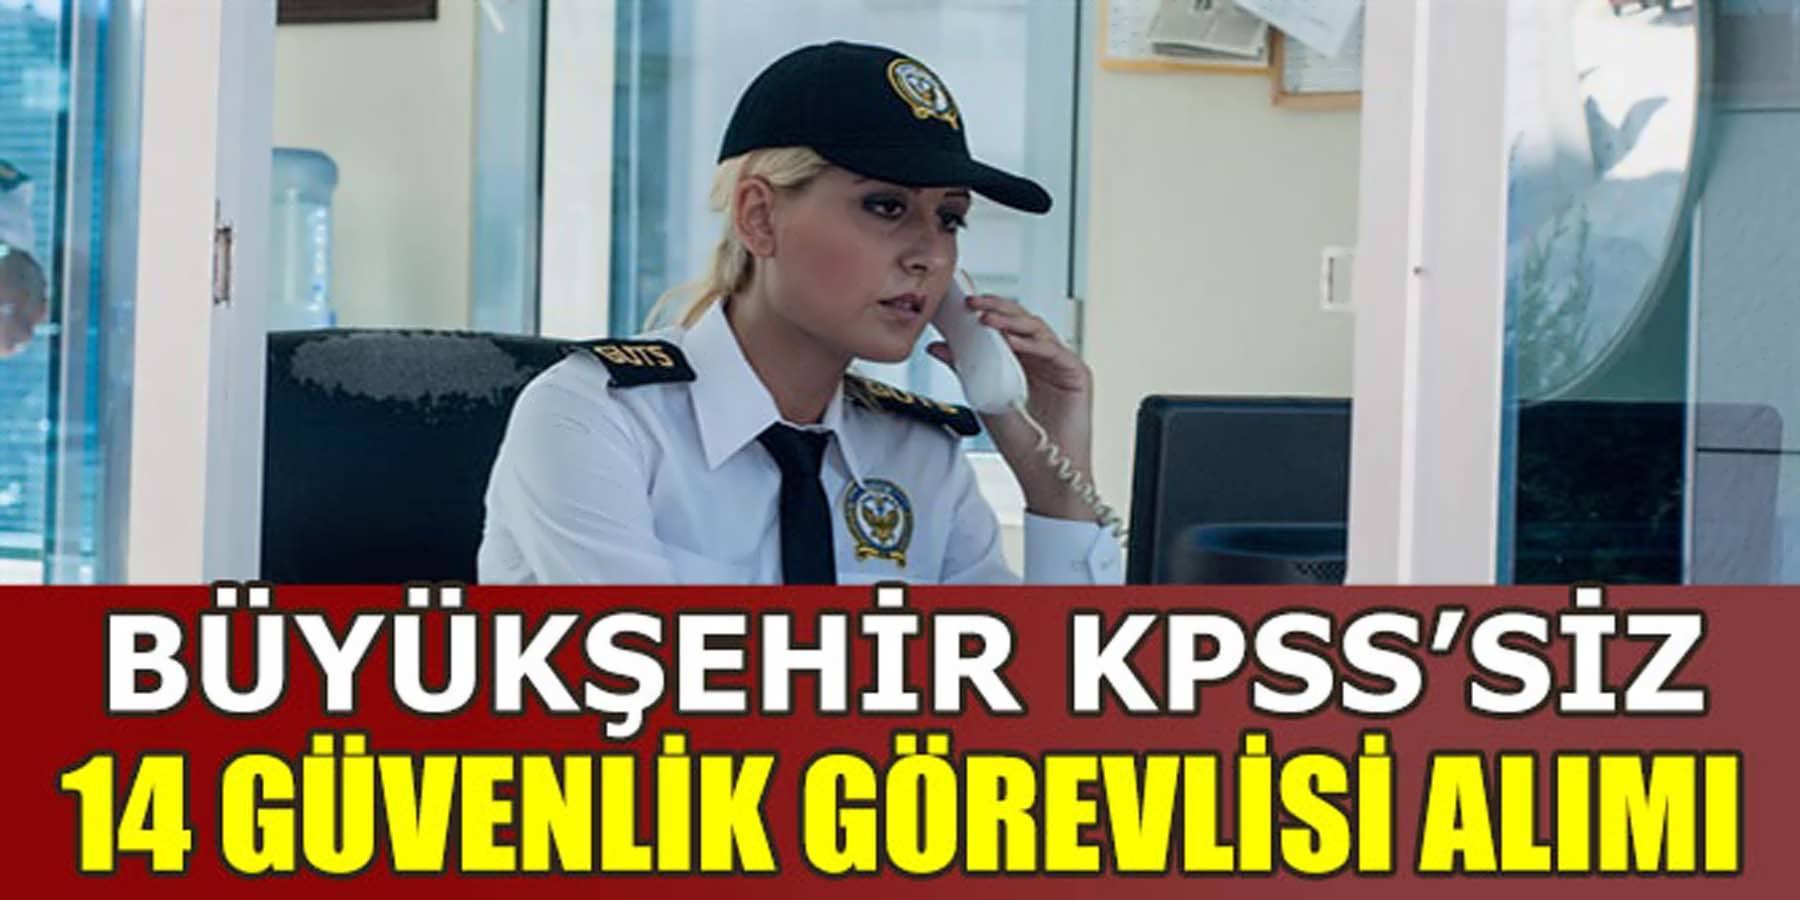 Büyükşehir KPSS'Siz 14 Güvenlik Görevlisi Alımı